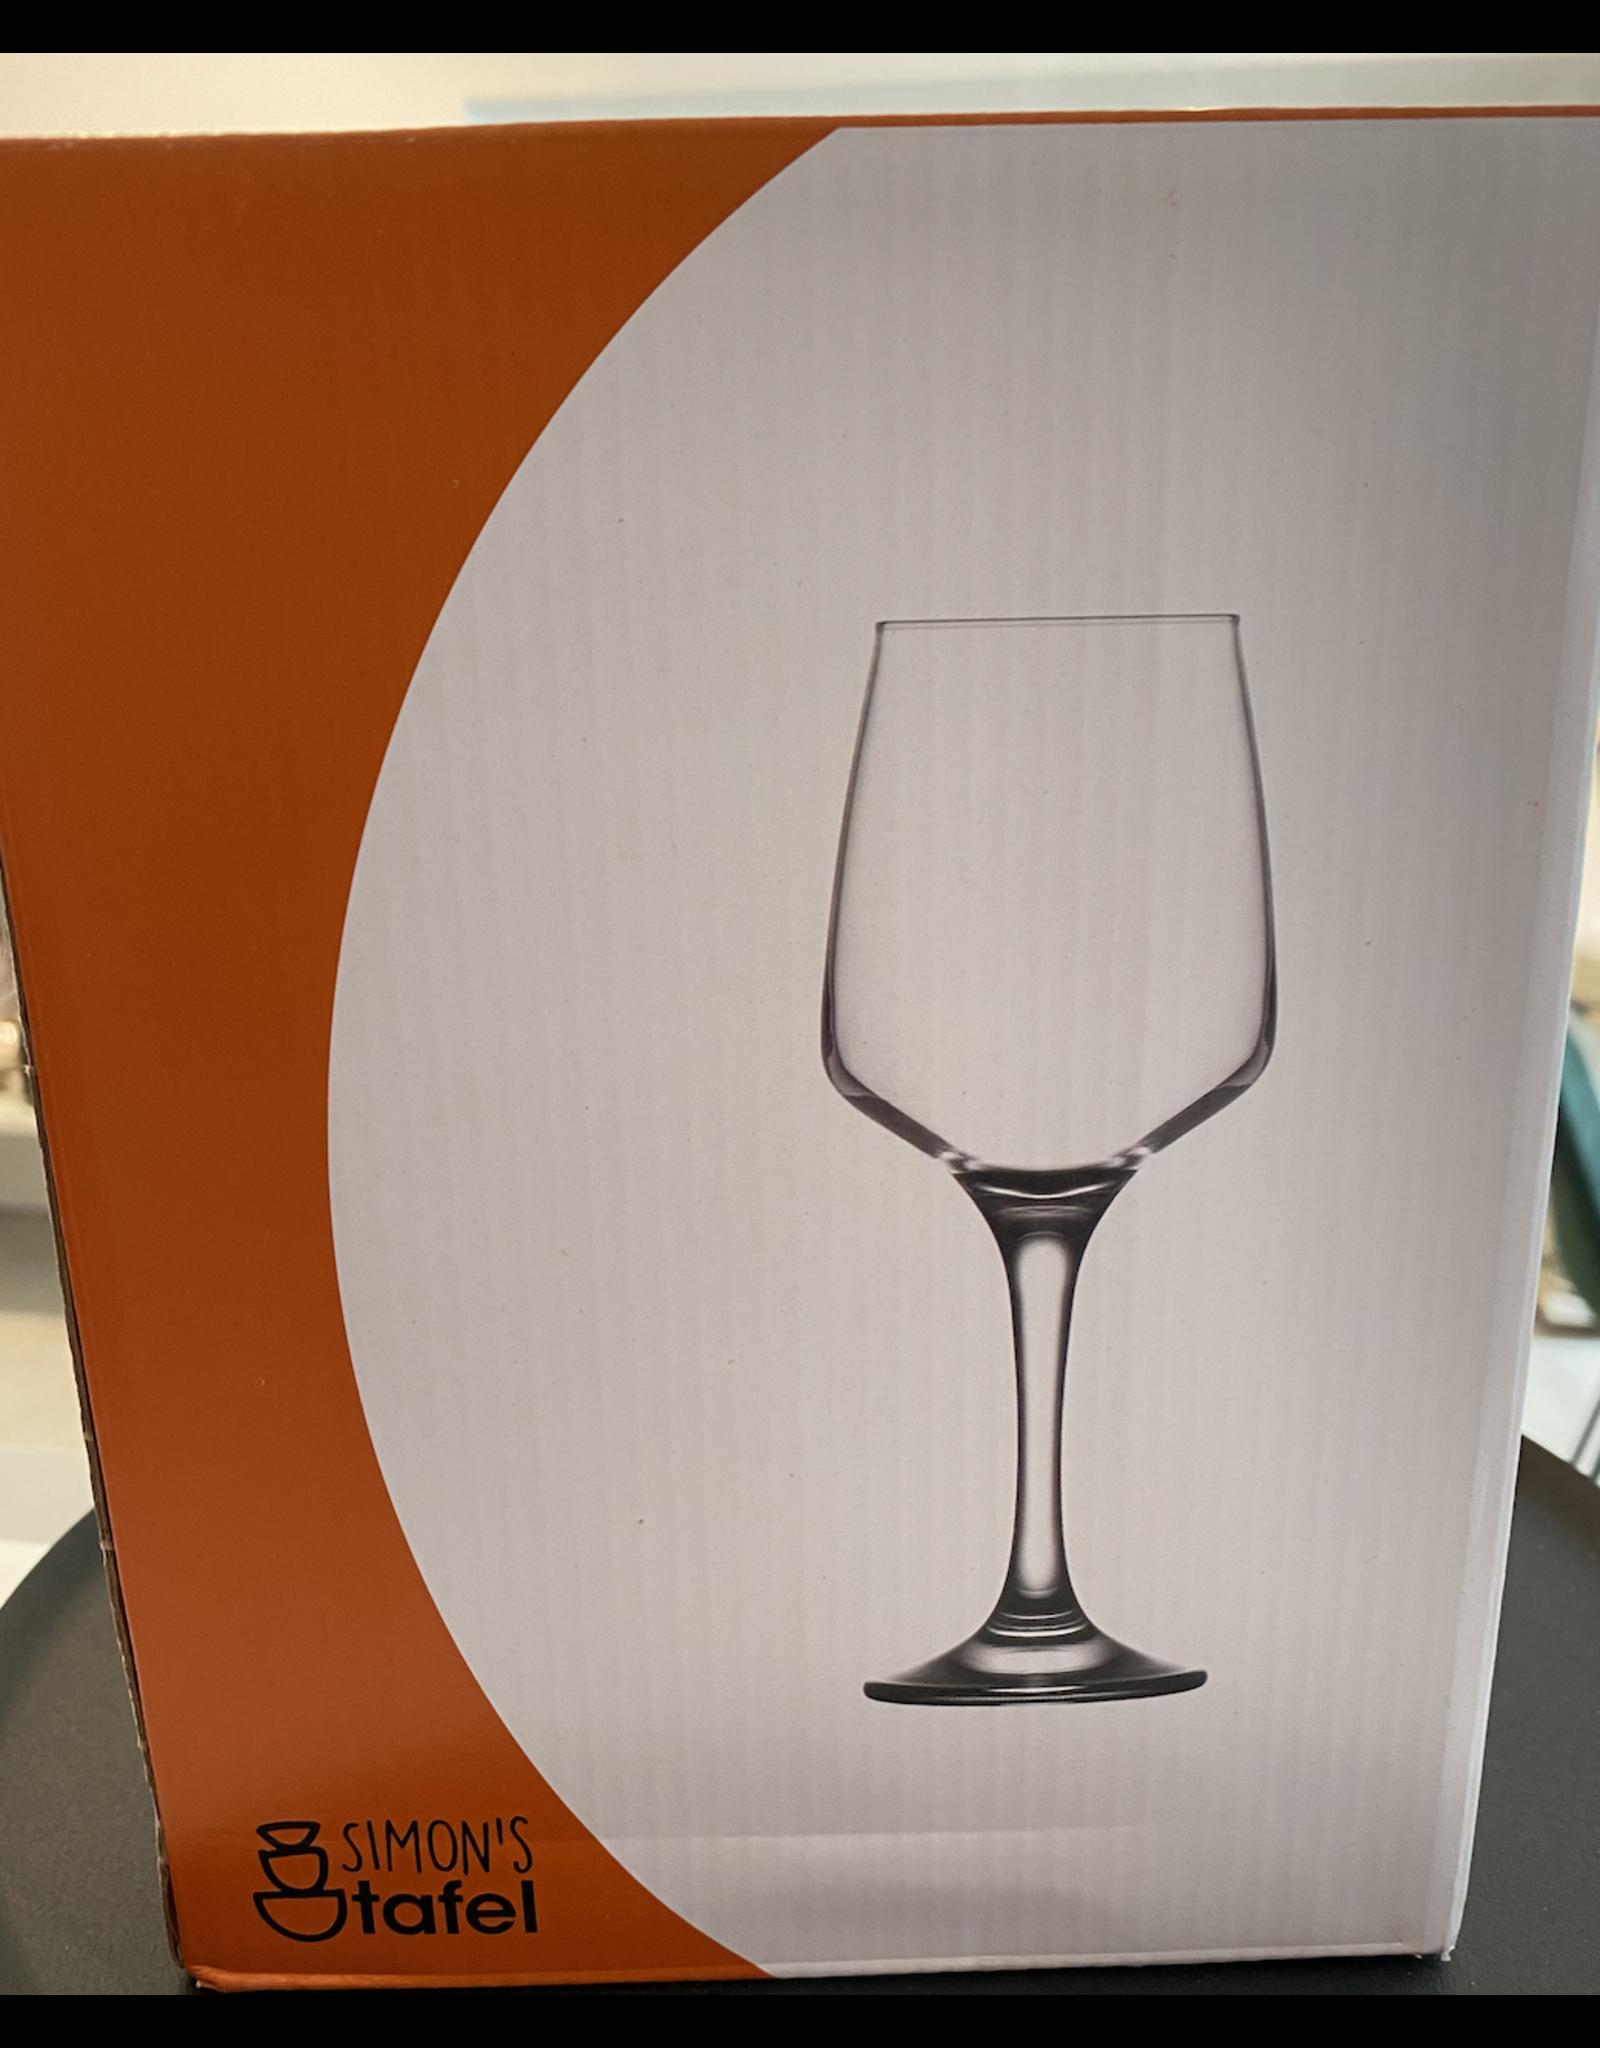 Kitchen Trend Witte wijnglas Monaco set van 4